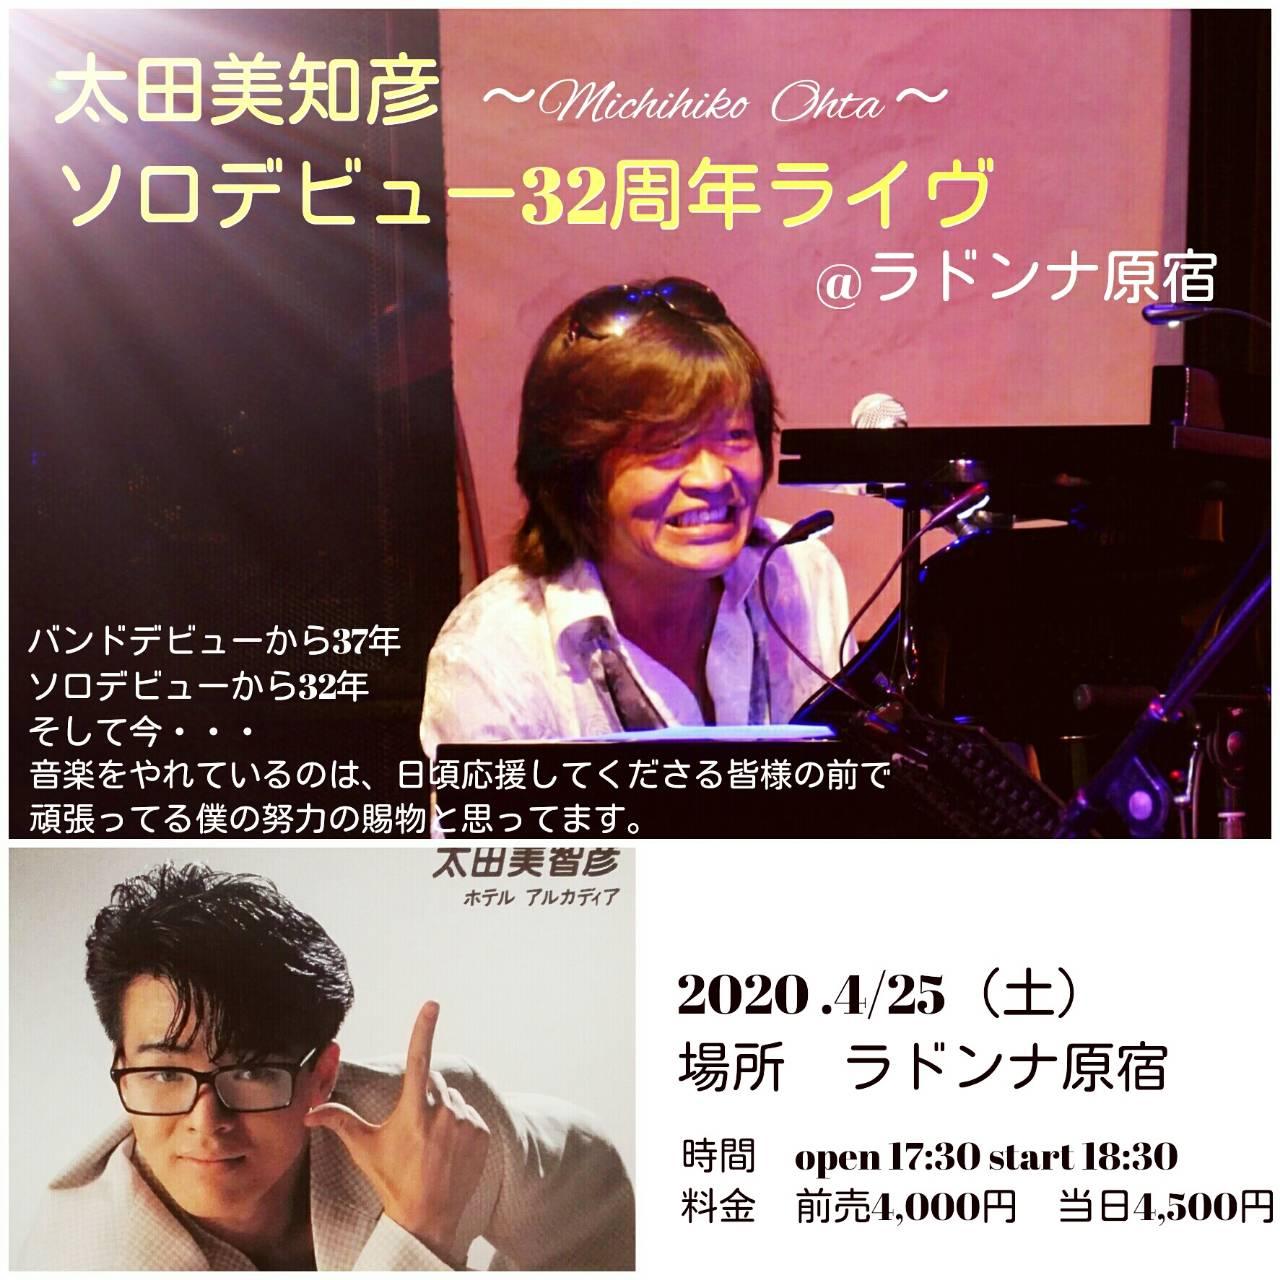 太田 美知彦~michihiko Ohta~ソロデビュー32周年ライブ@ラドンナ原宿 【新型コロナウィルスの影響を受けまして本公演は延期させて頂きます。】